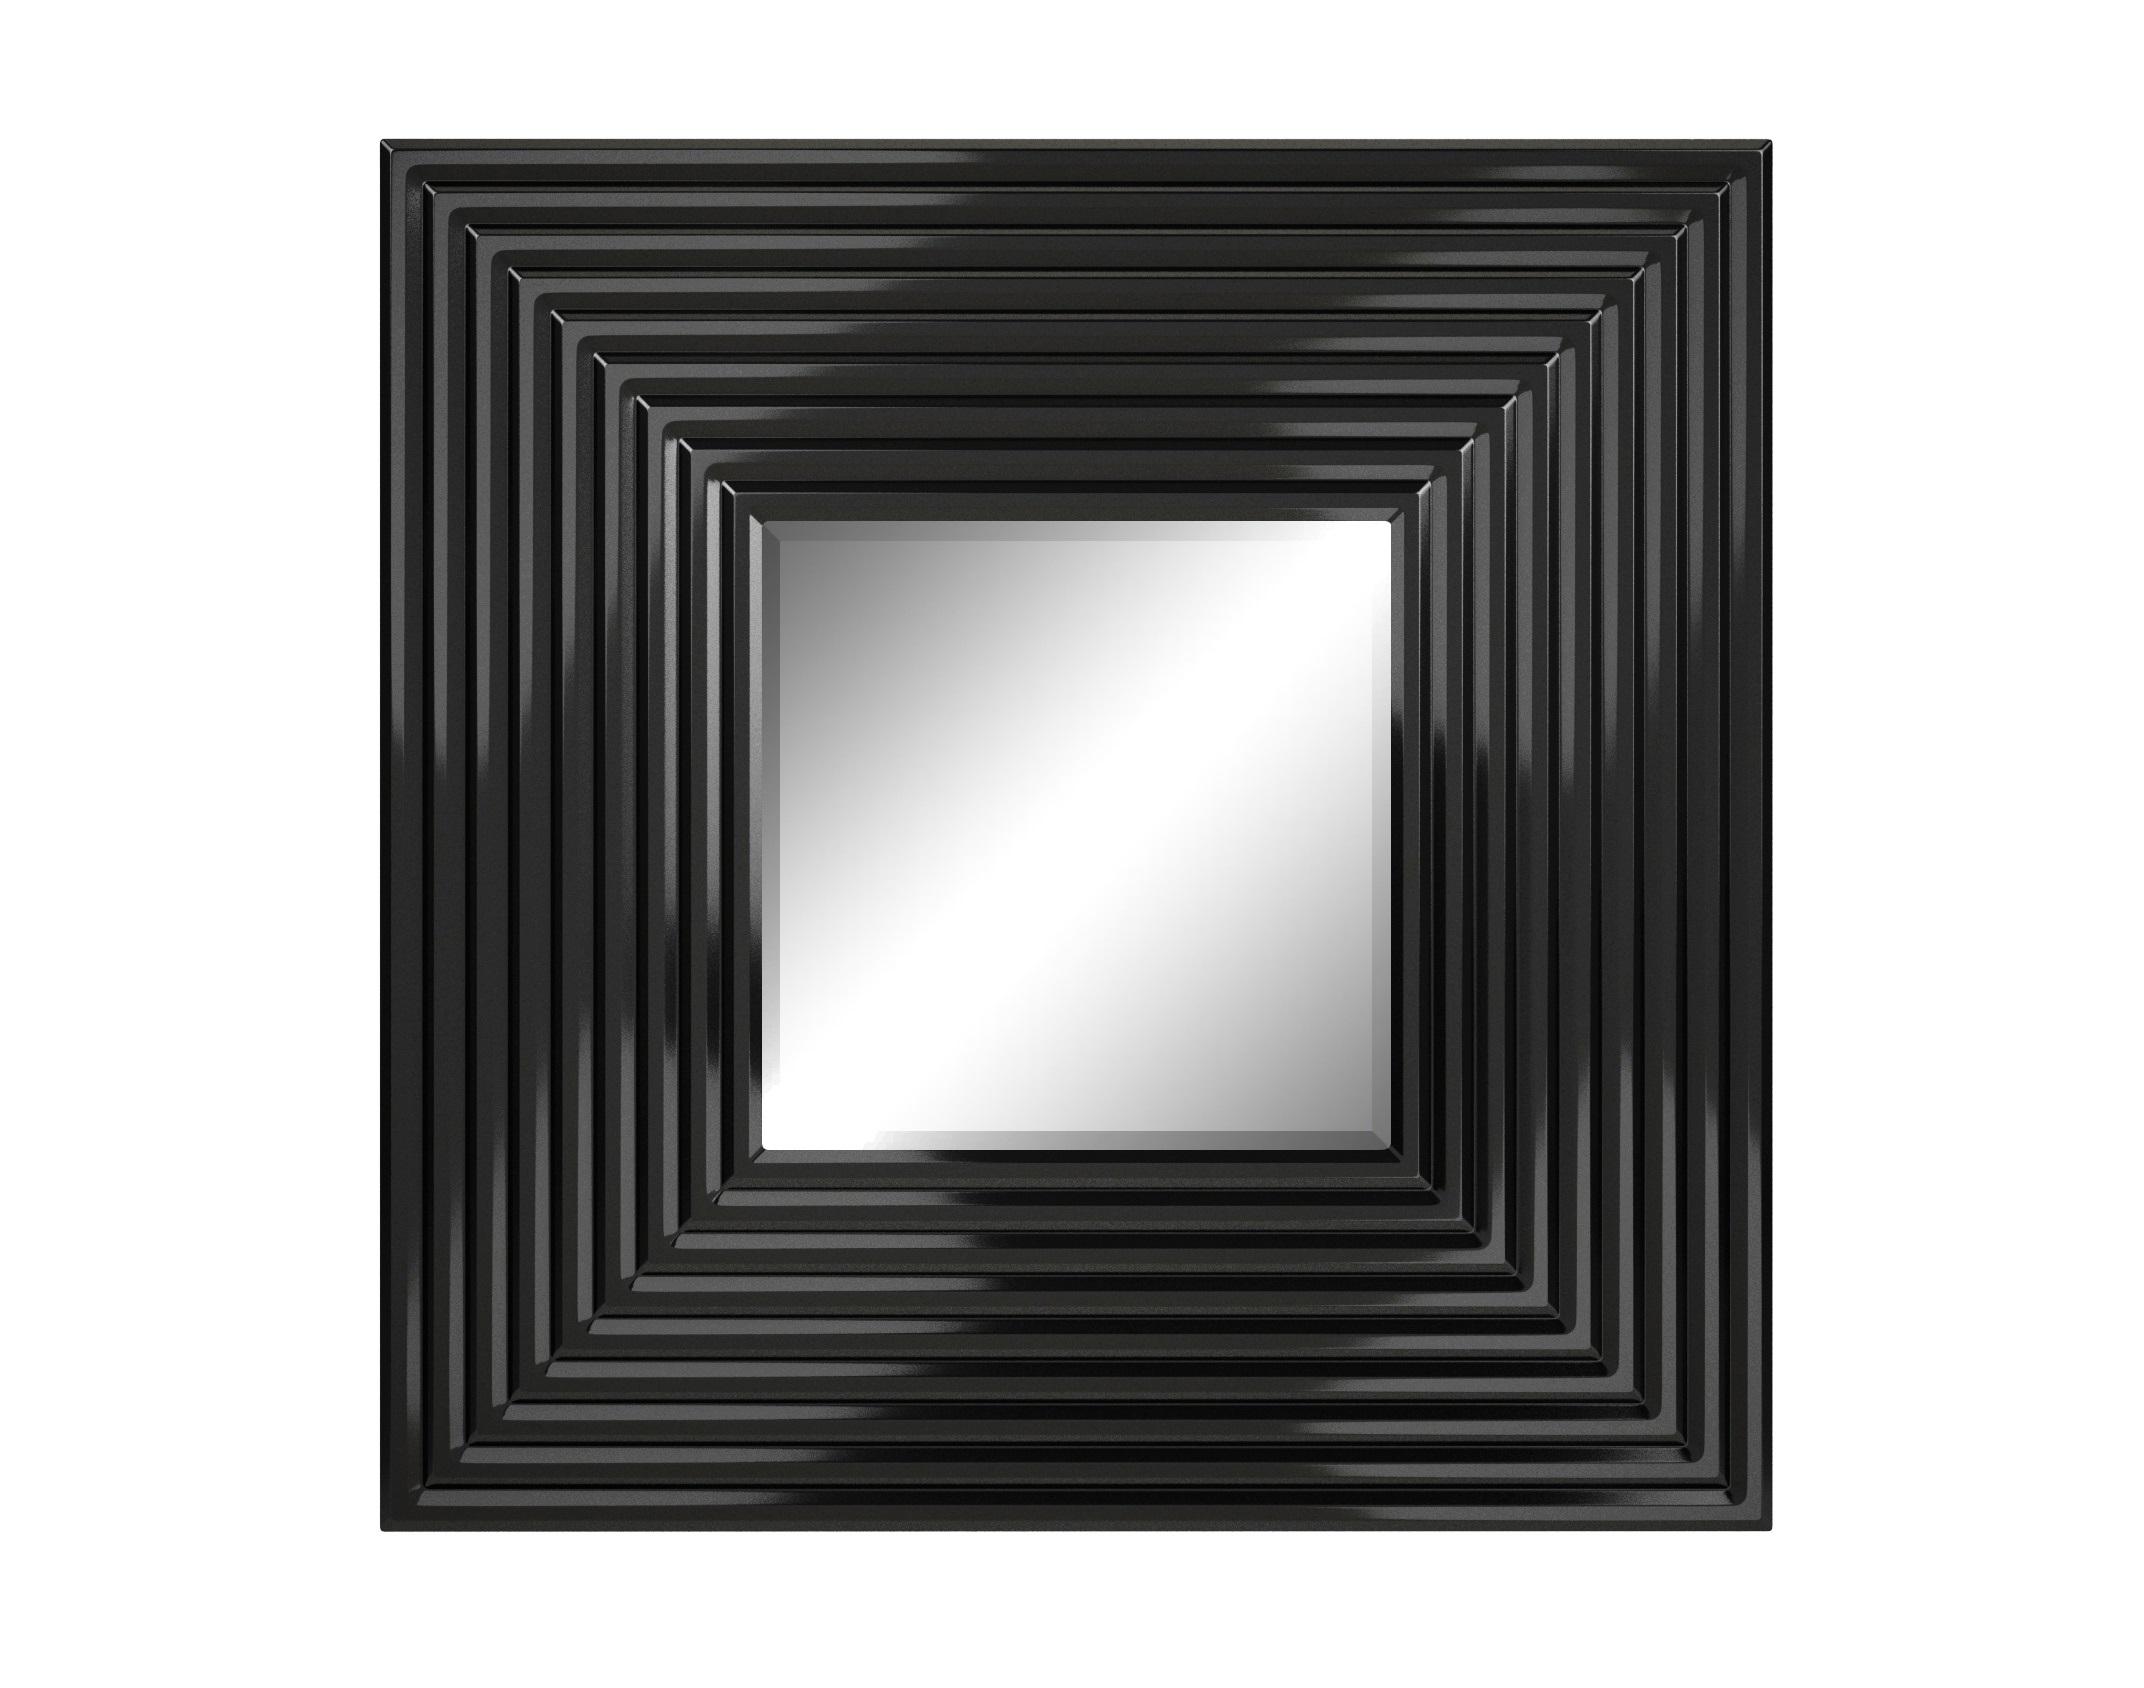 Зеркало Ambicioni 15437926 от thefurnish